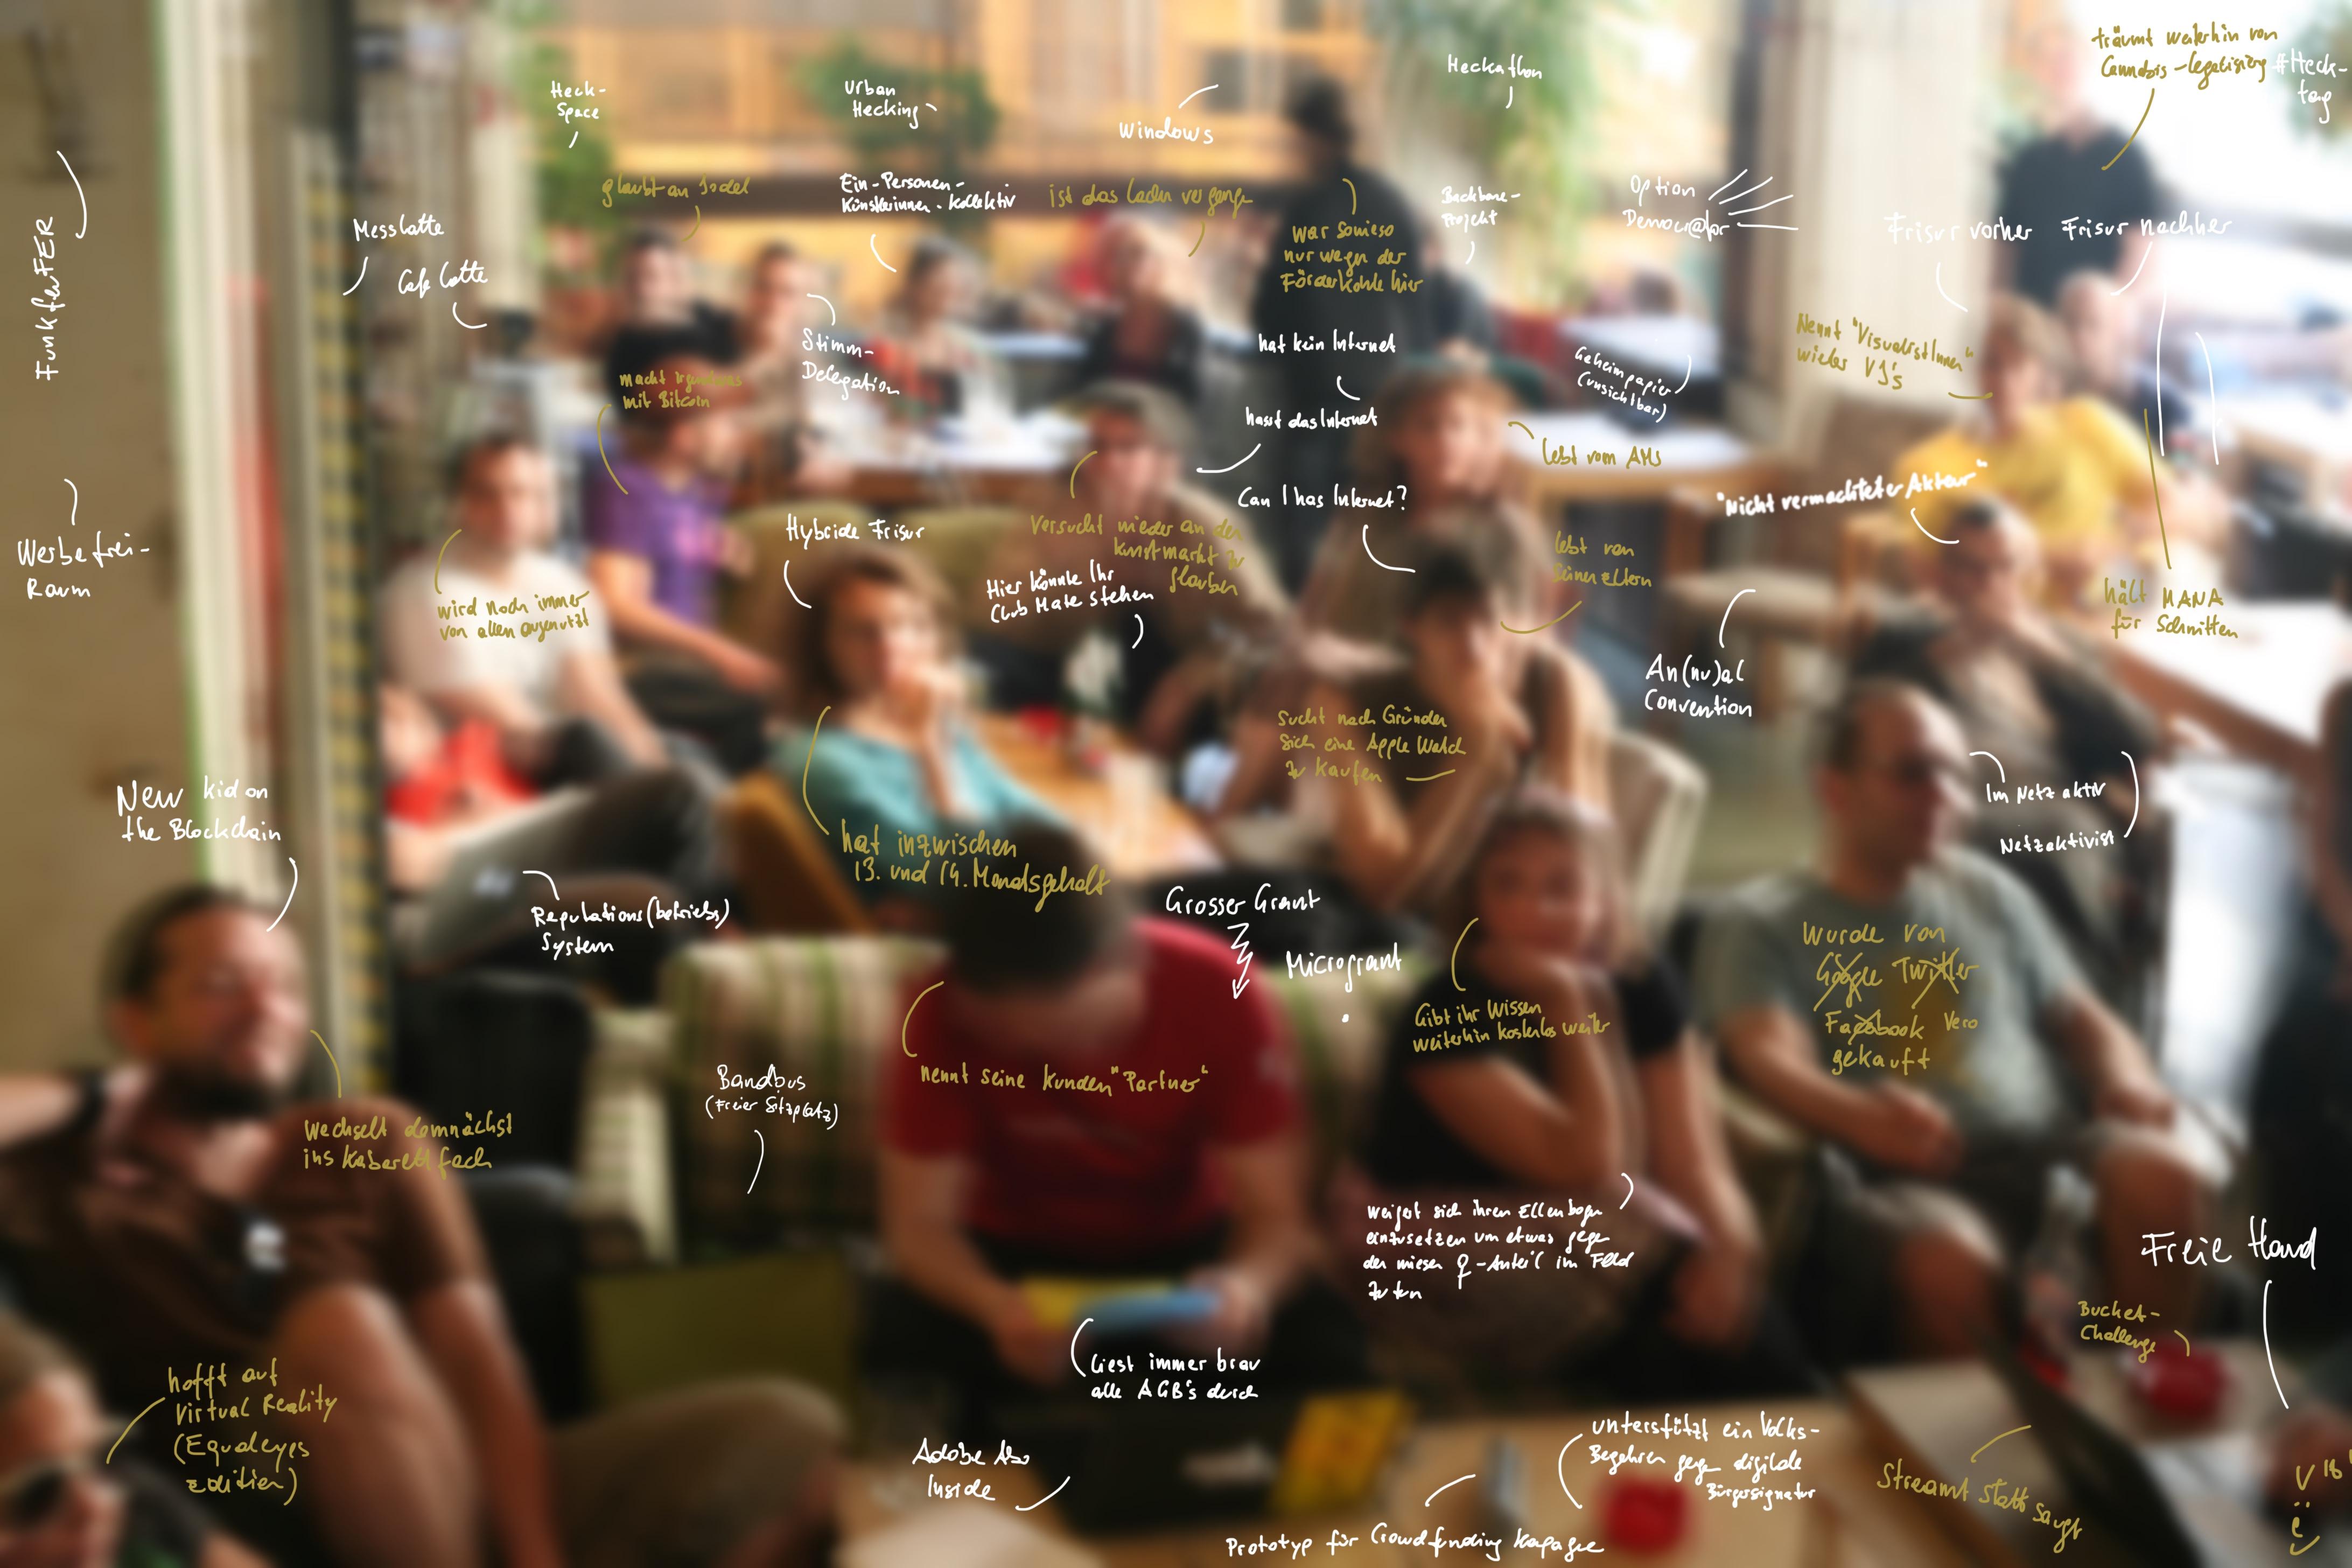 eSeL Textbild (2018): Hommage an netznetz.net 2006-2012